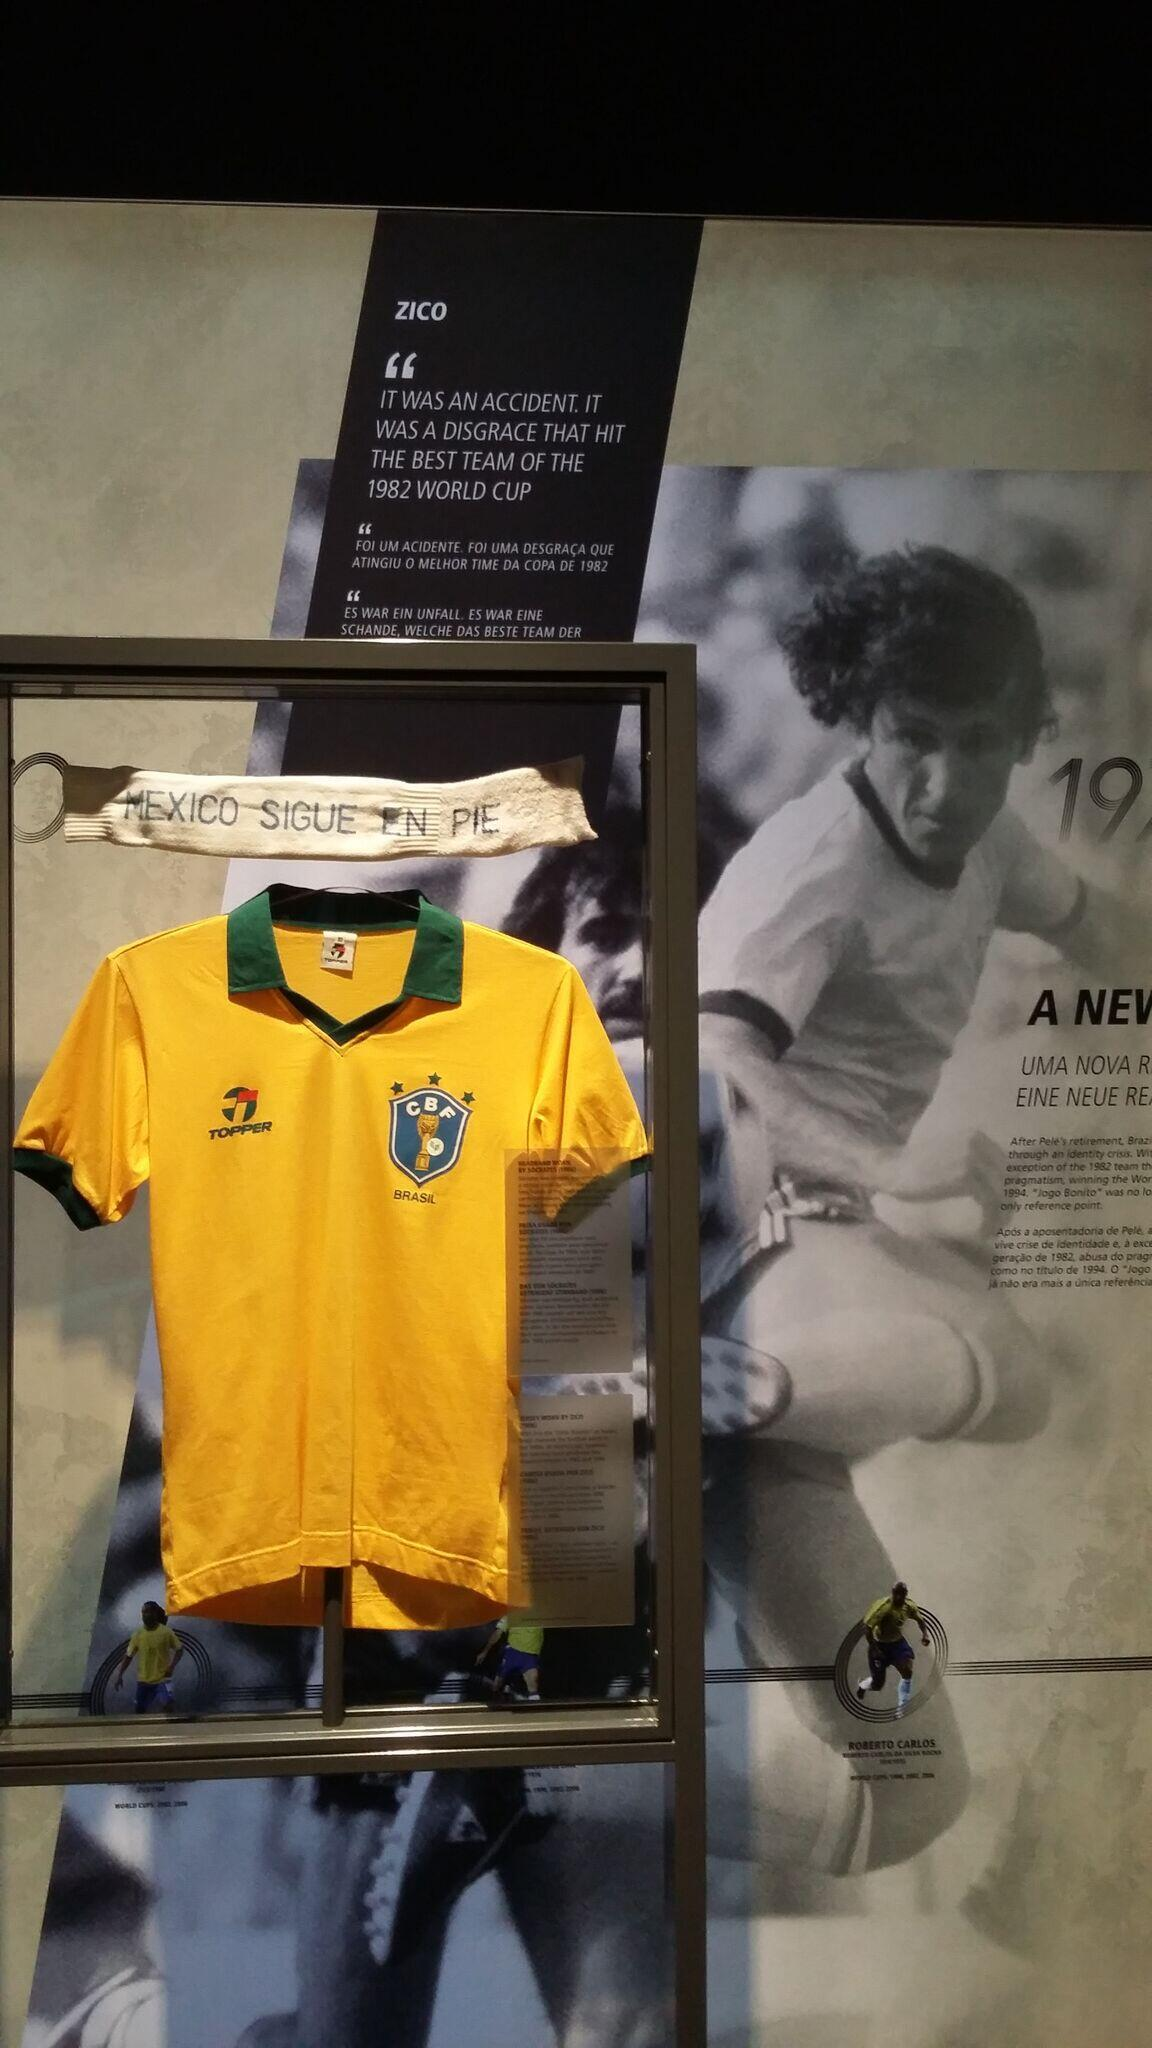 A camisa da seleção brasileira foi mostrada na sessão dedicada à história do futebol no país.